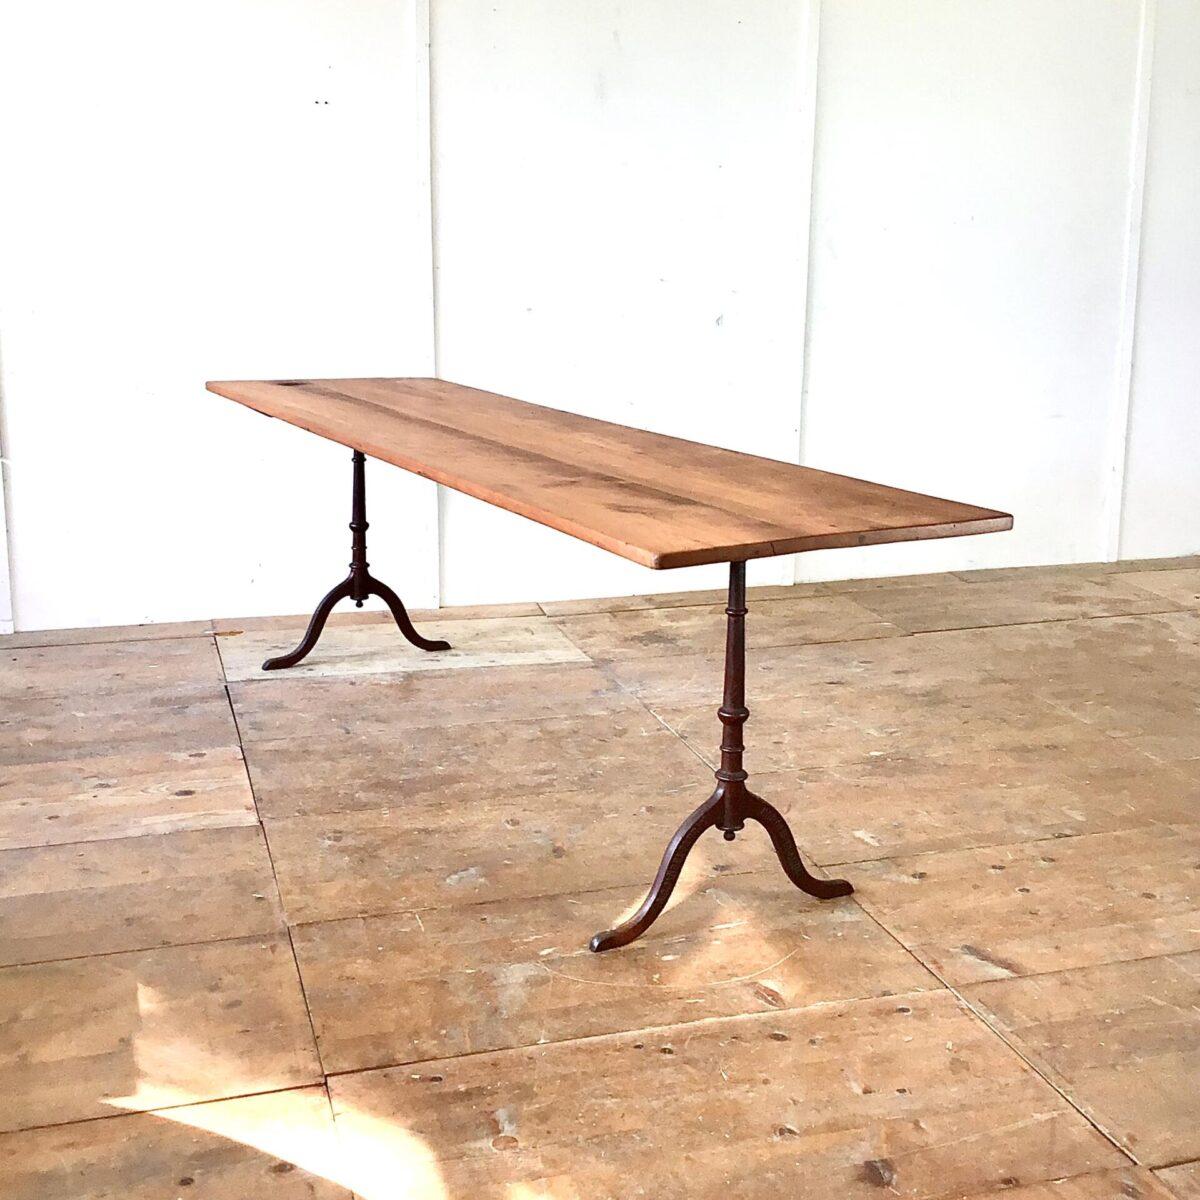 Deuxieme.shop Alter Kirschbaum Wirtshaus Tisch mit horgenglarus Gussfüssen. 246x68cm Höhe 75cm. Das Tischblatt haben wir teilweise frisch verleimt, an der einen Stirnseite fehlte leider ein Stück Holz. Dort haben wir ein Stück Zwetschgenholz eingepasst. Die Holzoberfläche ist mit Naturöl behandelt. Die leicht rötlich Patinierten Gusseisenfüsse hat es wohl in dieser Farbe ab werk gegeben. Das Kirschbaumholz hat dank seinem Alter eine intensive dunkelrote Ausstrahlung.